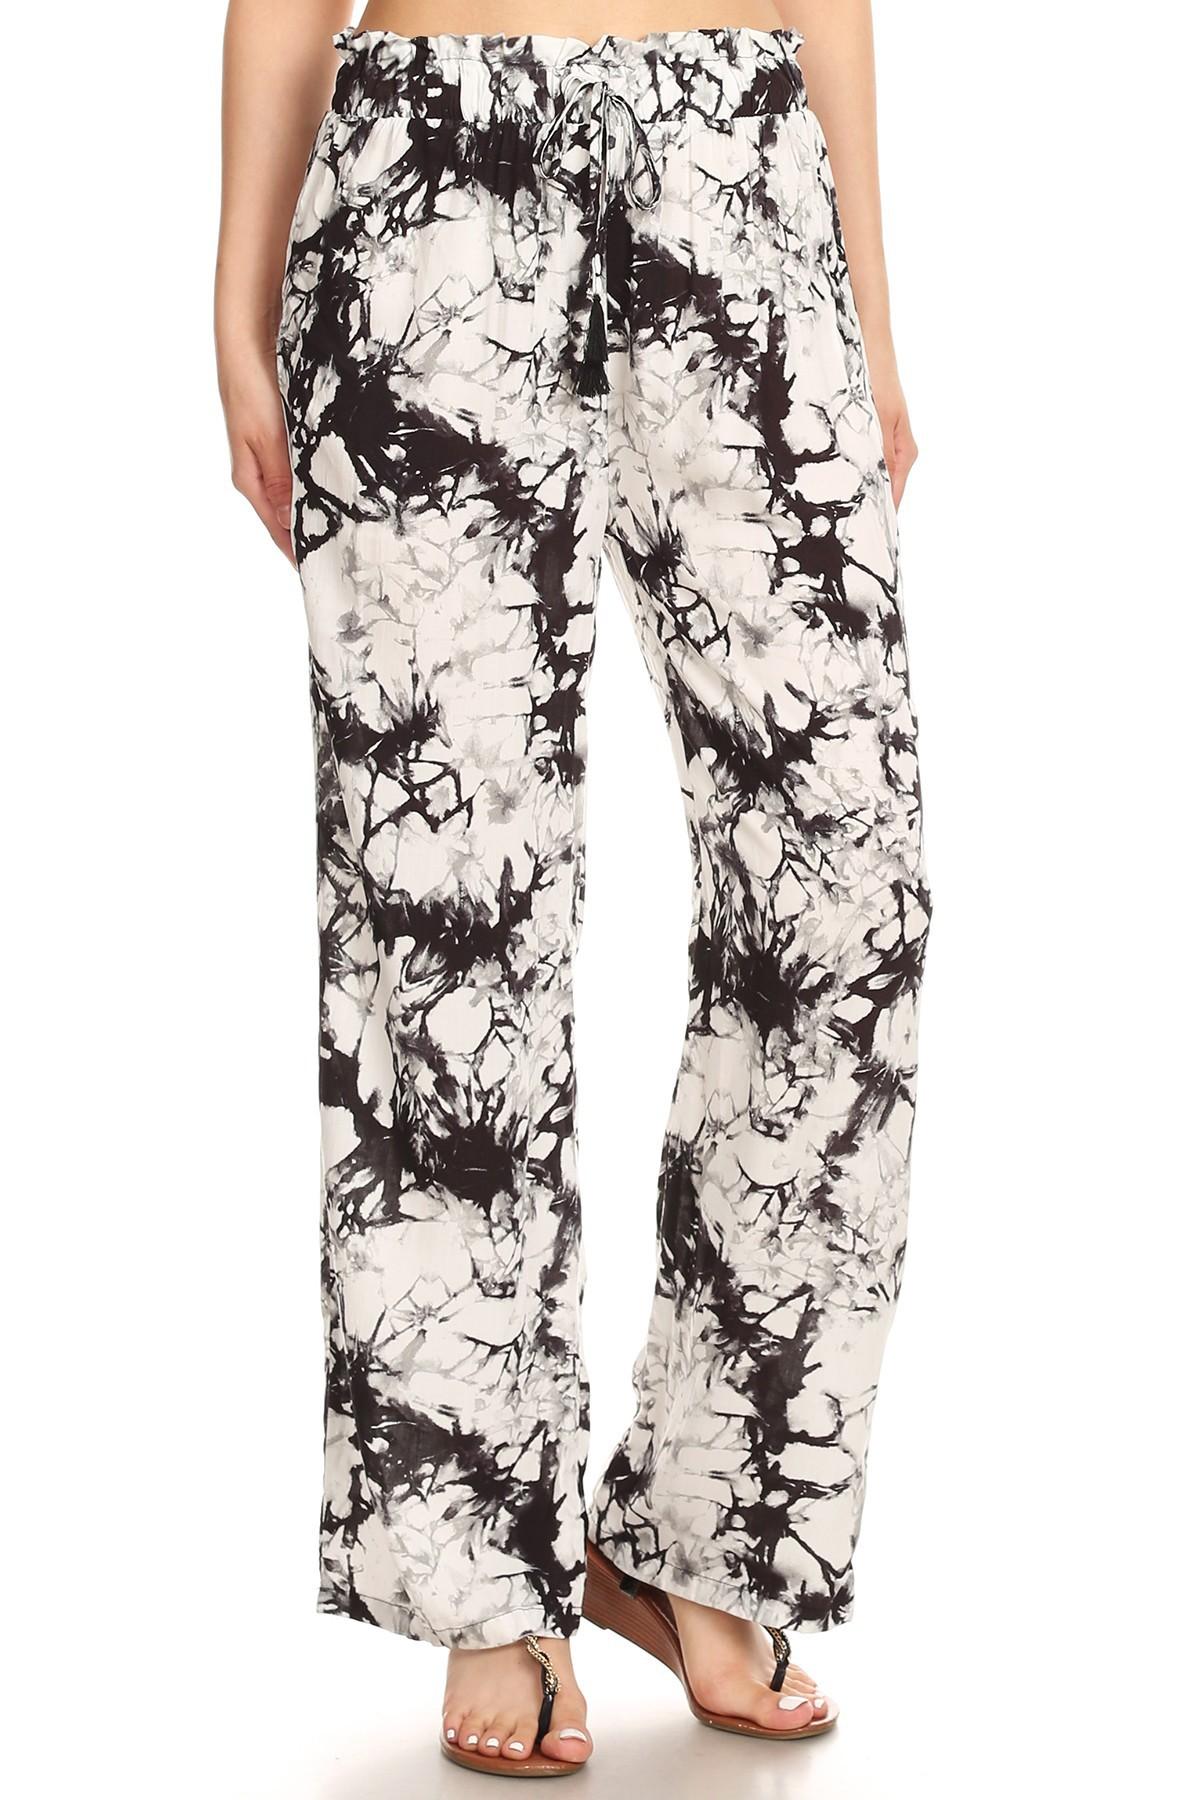 BLACK/WHITE TIE DYE PRINT PAPER BAG WAIST STRAIGHT LEG PANTS#8SLP05-07